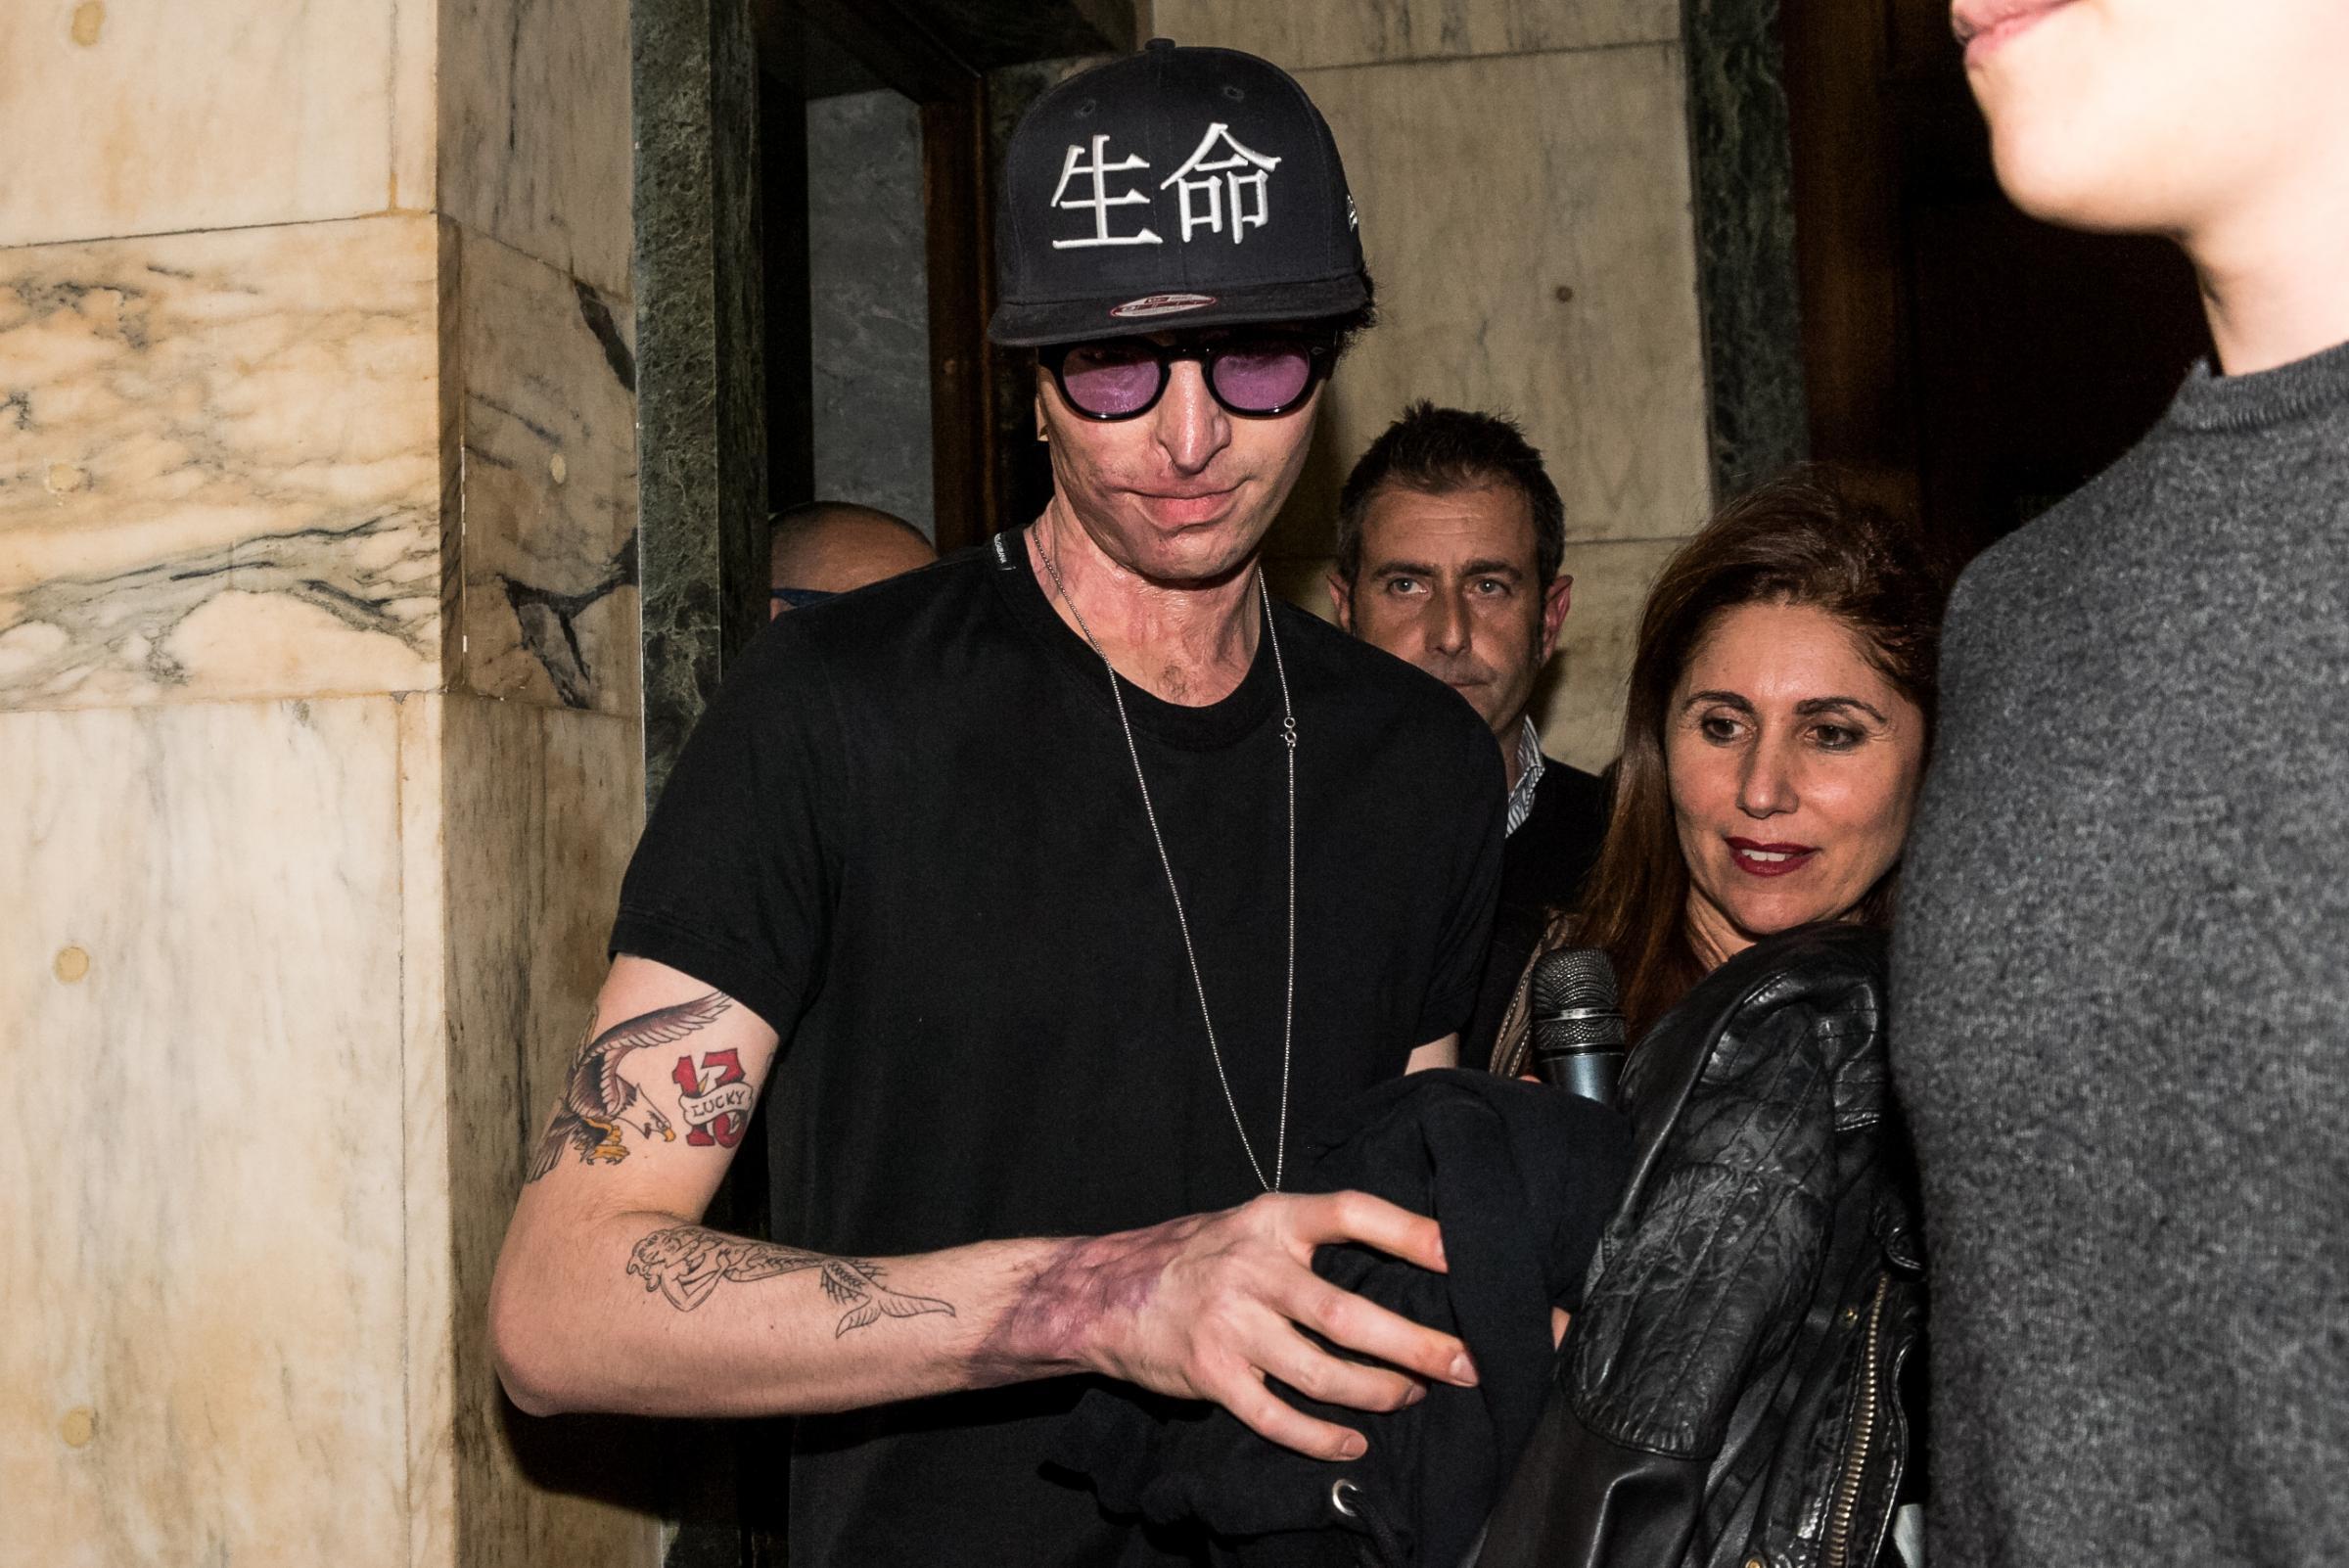 Coppia dell'acido, la forza di Stefano Savi: 'Non li odio, spero che restino in carcere' – L'intervista a Le Iene